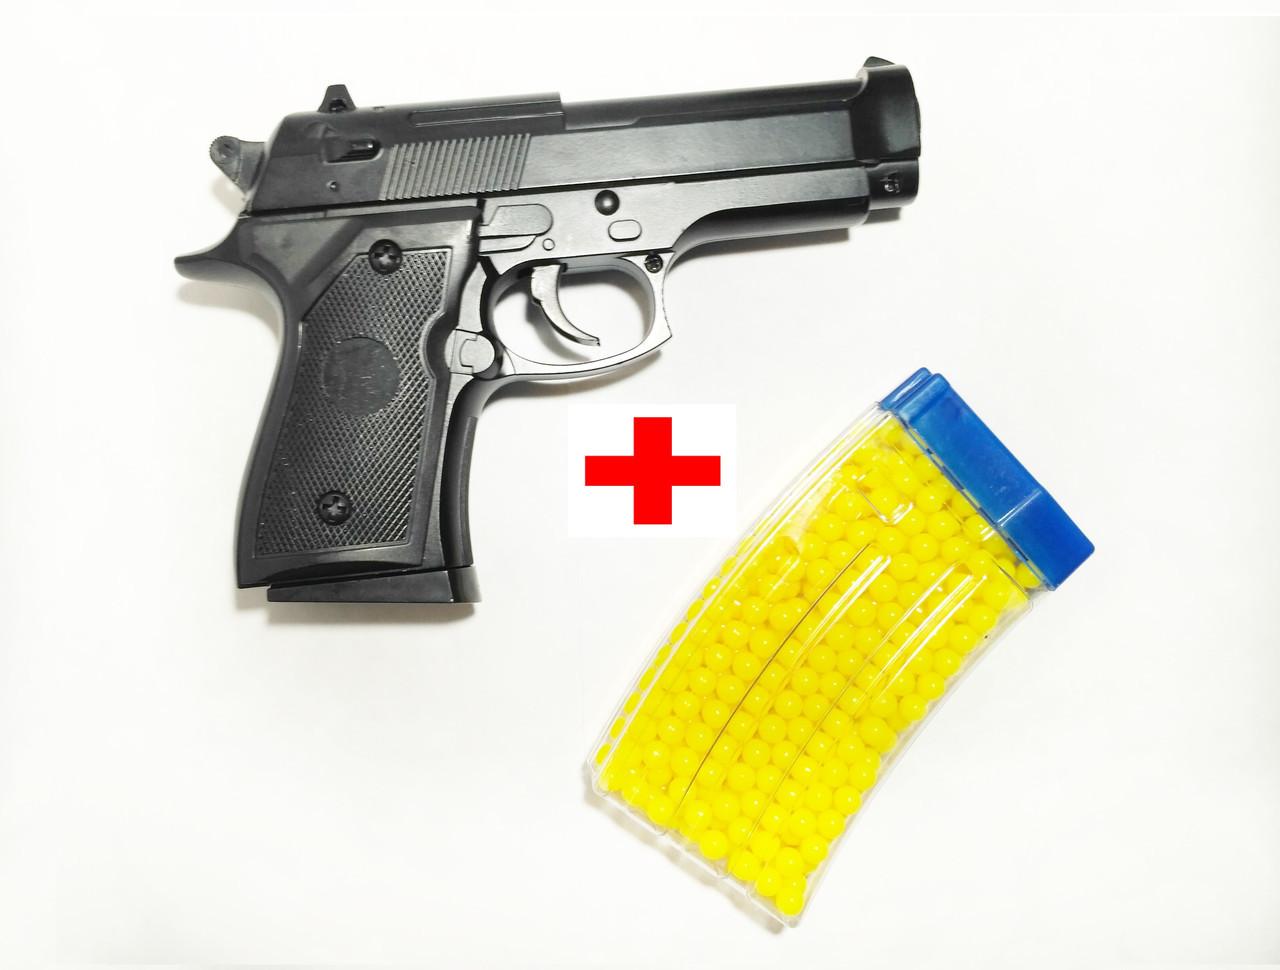 Залізний дитячий пістолет zm21, стріляє кульками 0,6 мм, дитяче зброю, пневматика для дітей